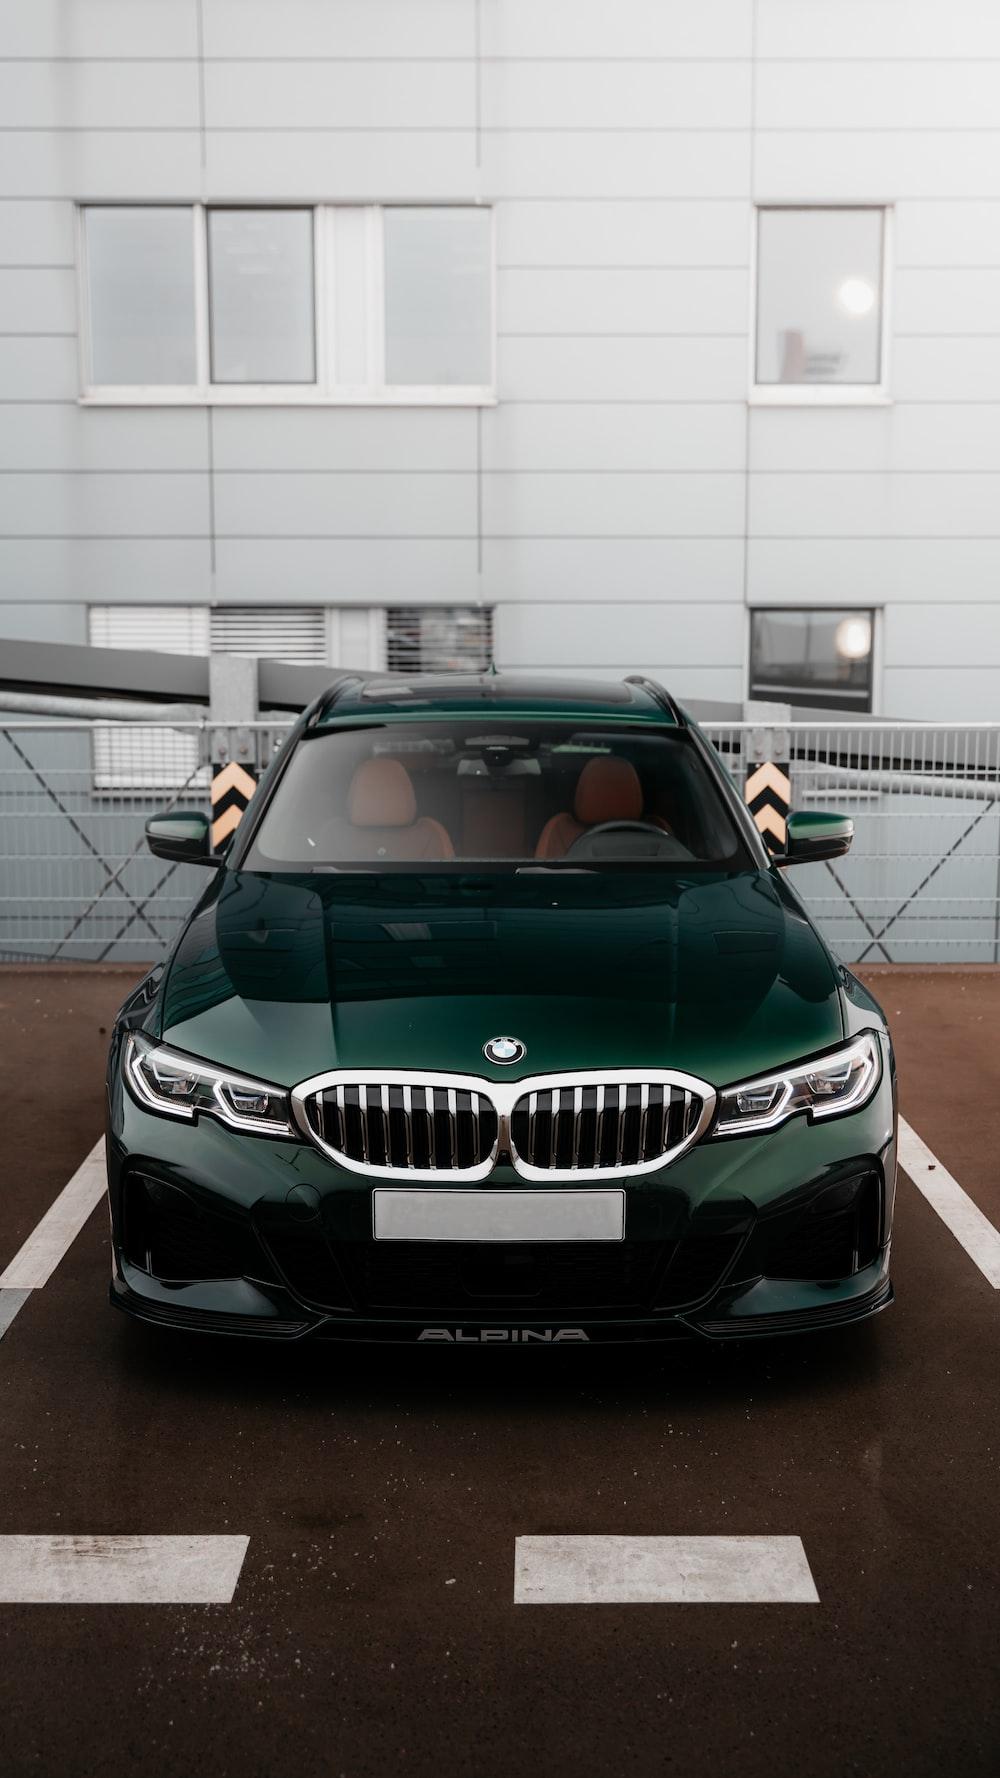 green mercedes benz car parked in garage